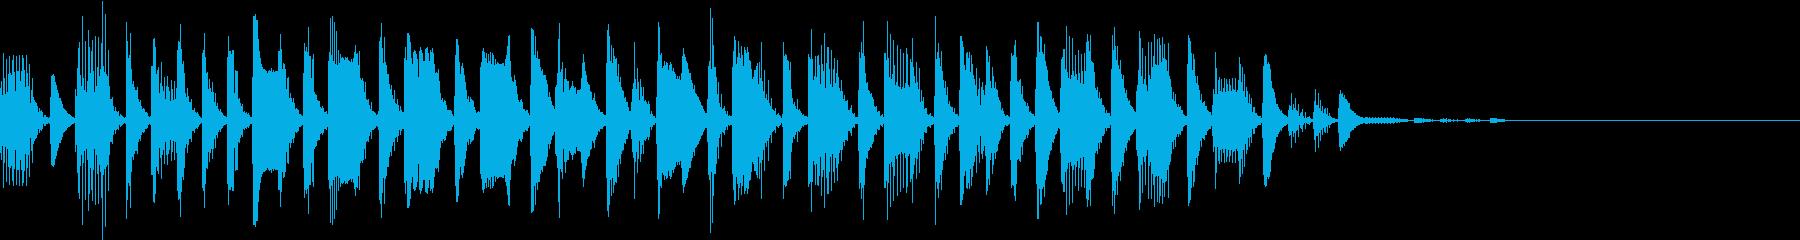 オープニング53の再生済みの波形